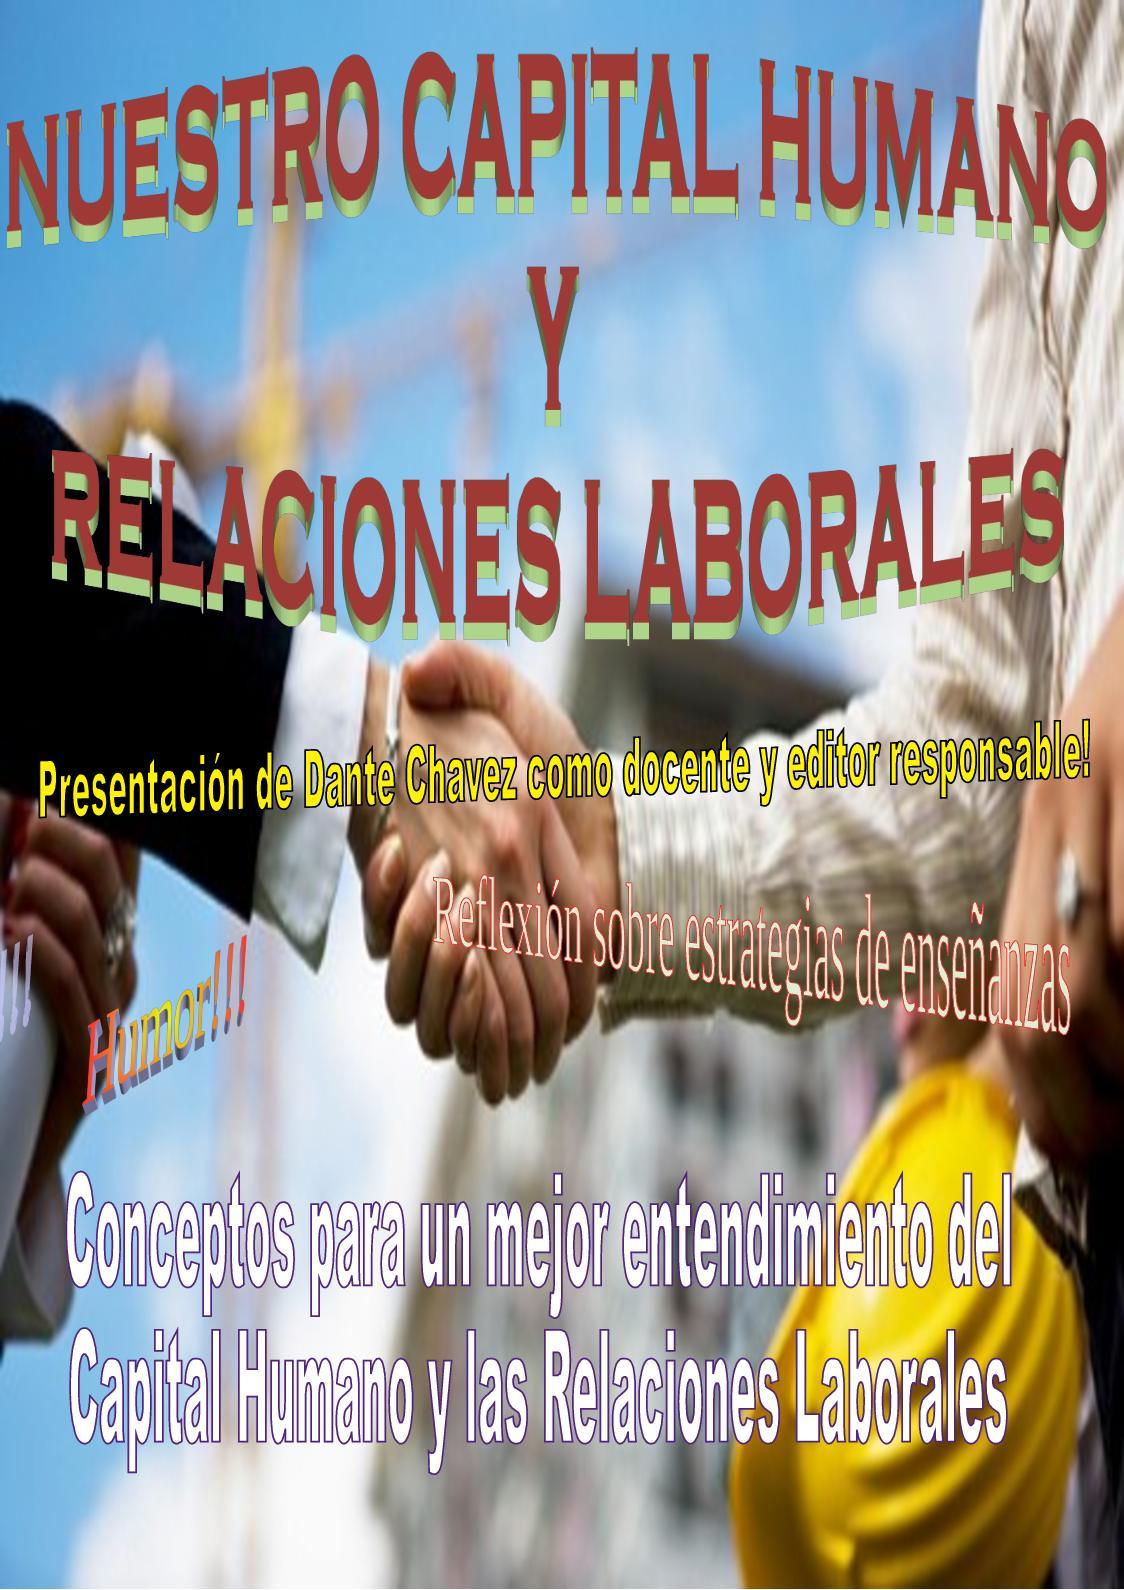 59a74dcc84ac Calaméo - Nuestro Capital Humano y Relaciones Laborales